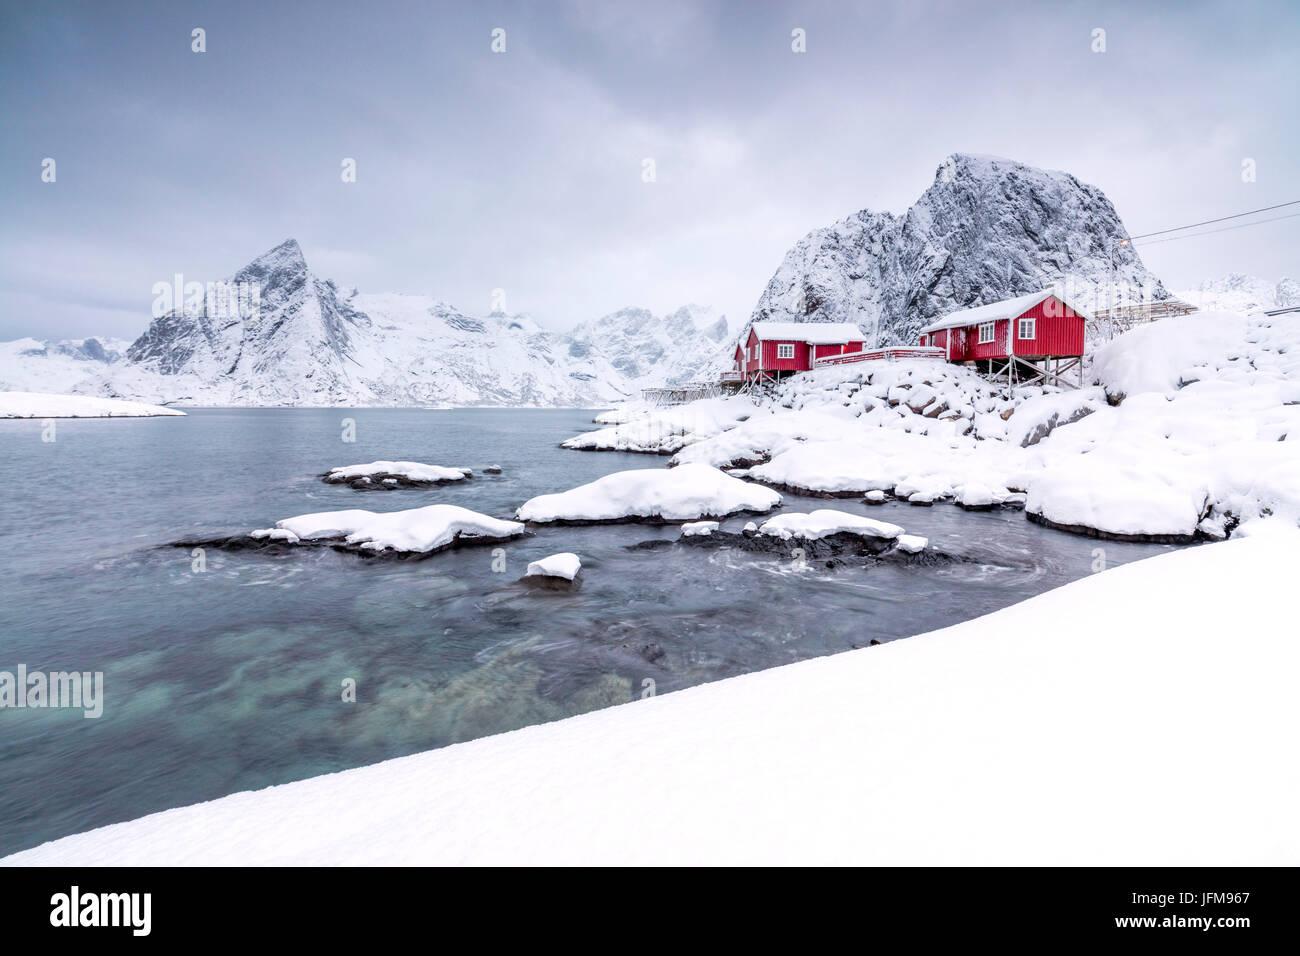 Le cime innevate e mare frozen frame le tipiche case di pescatori chiamato Rorbu Hamnøy Isole Lofoten Norvegia Immagini Stock